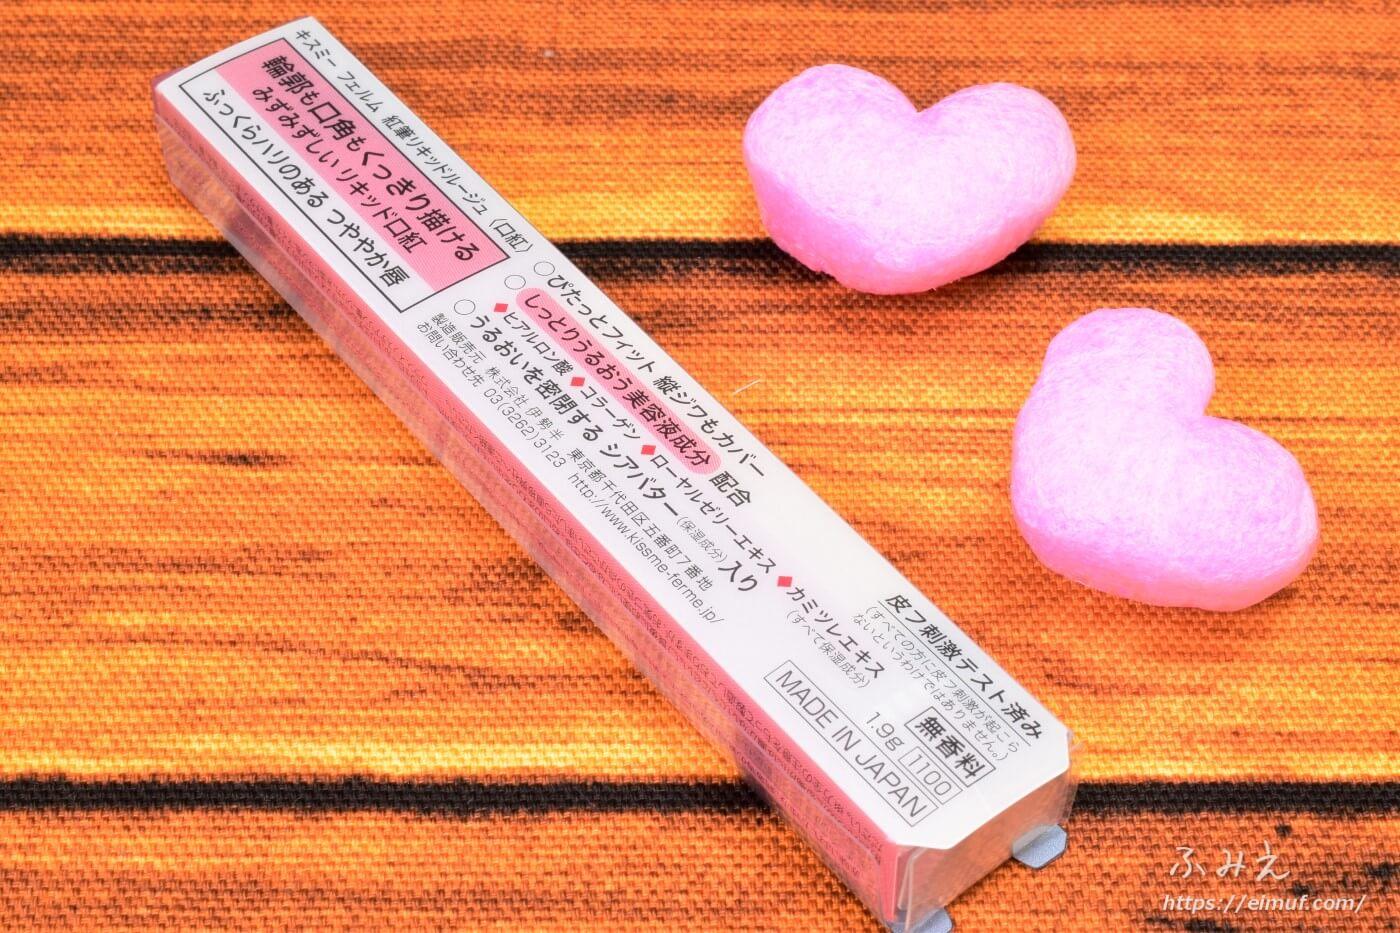 キスミーフェルムの紅筆リキッドルージュ #05(華やかなレッド)パッケージ裏面